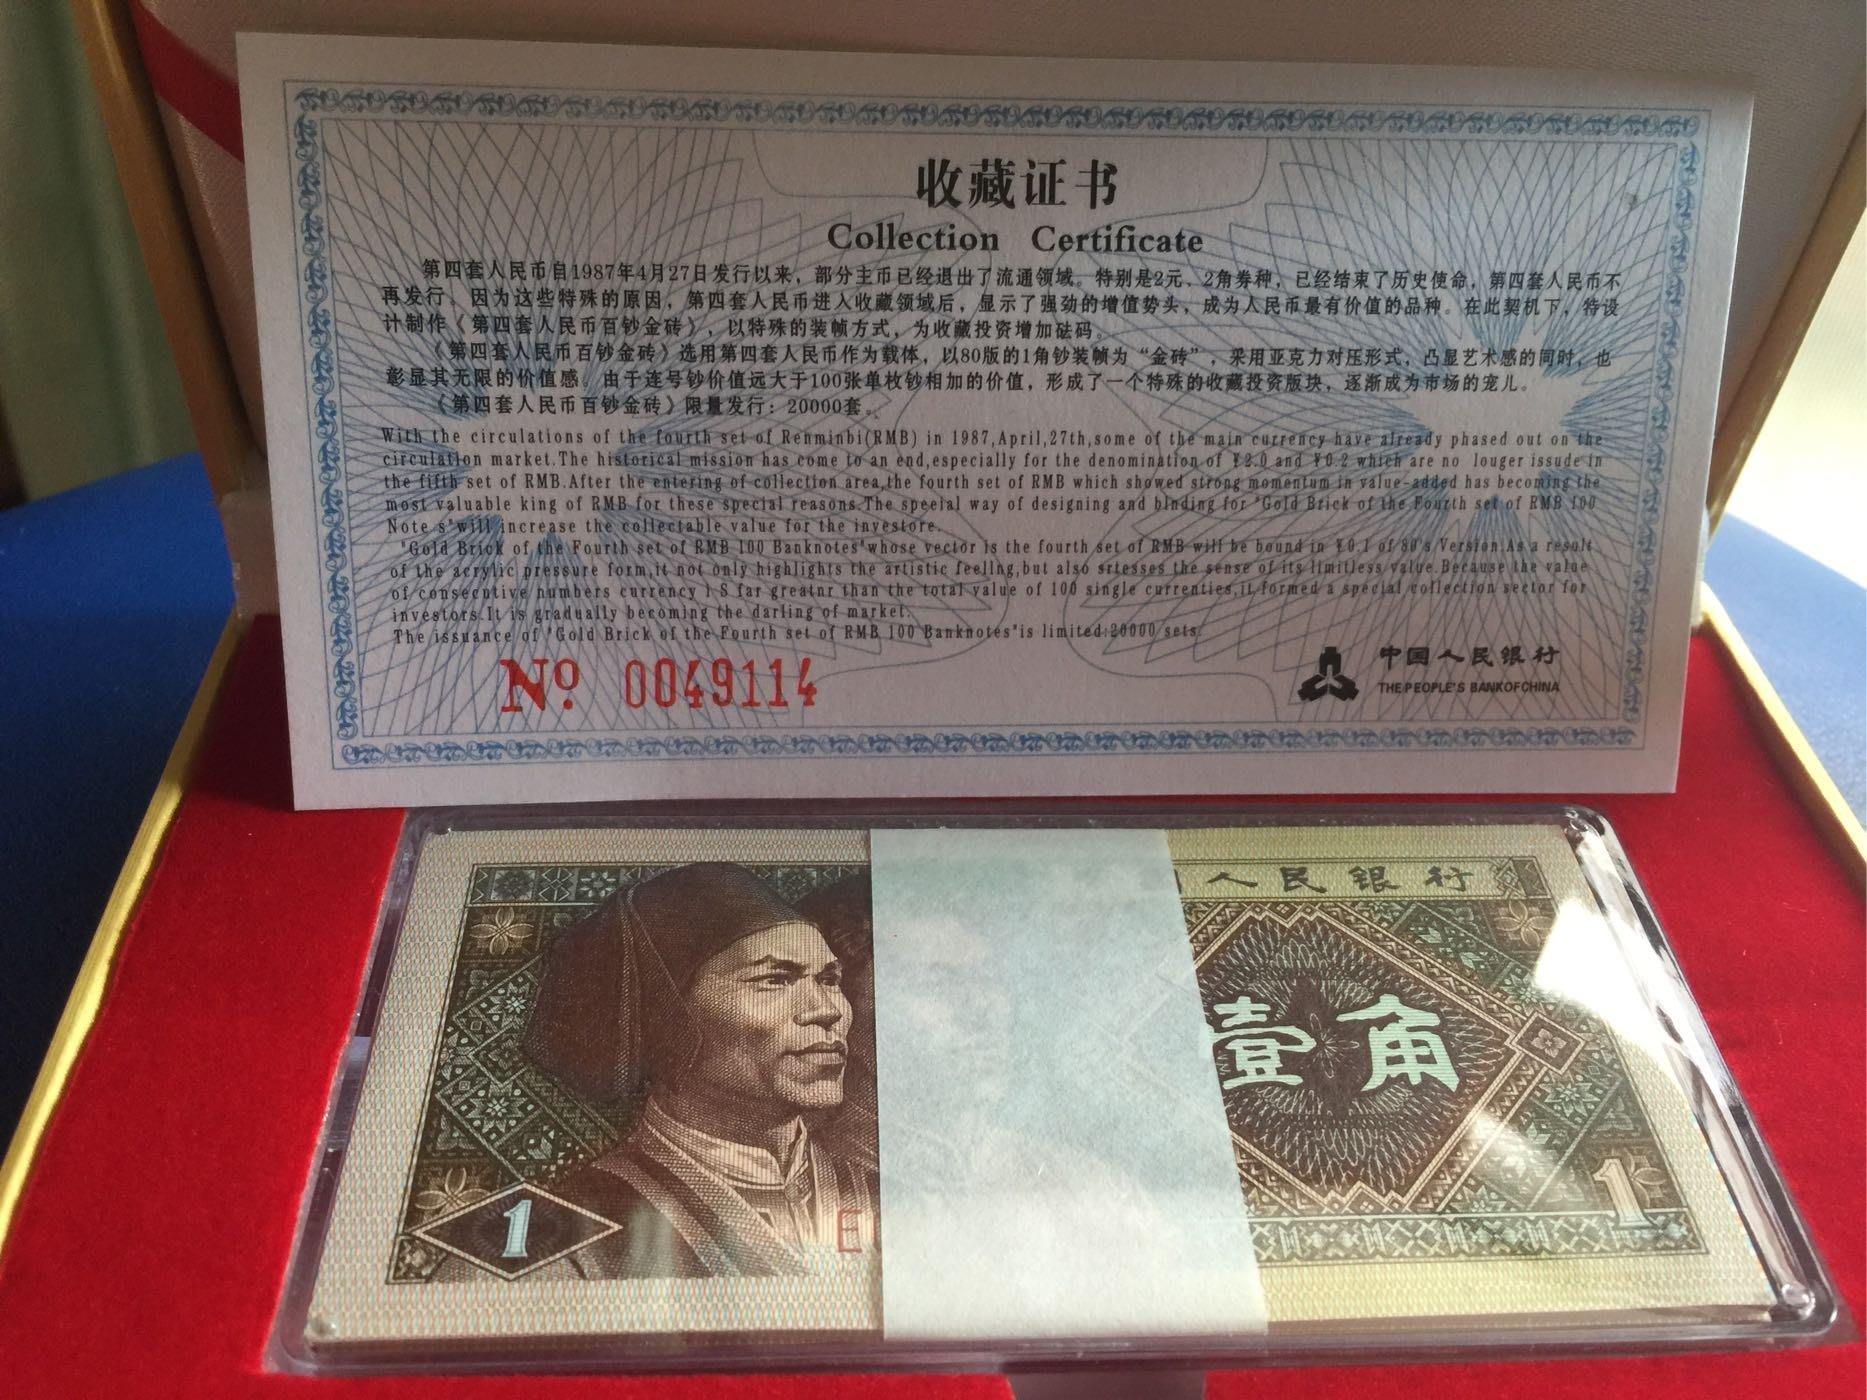 第四套人民幣 百鈔金磚 連號 收藏 2012